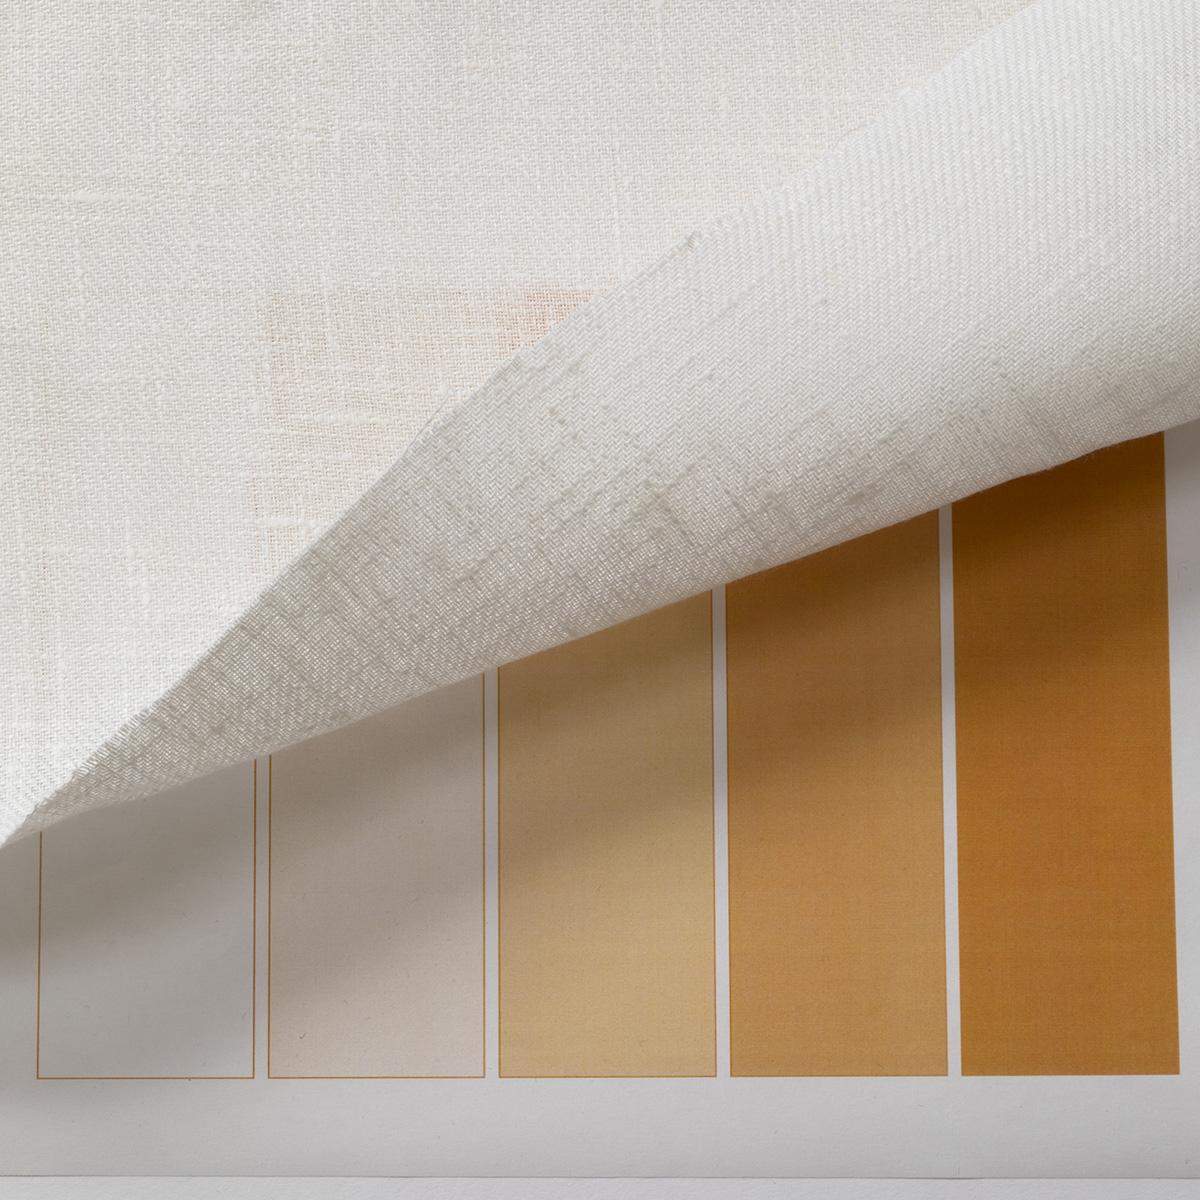 150cm巾 【 リネン 100% 生地 】 ホワイト 無地 厚手 1m単位 R1458<旧品番 W-8541> 【スカート、バッグ、小物に最適】